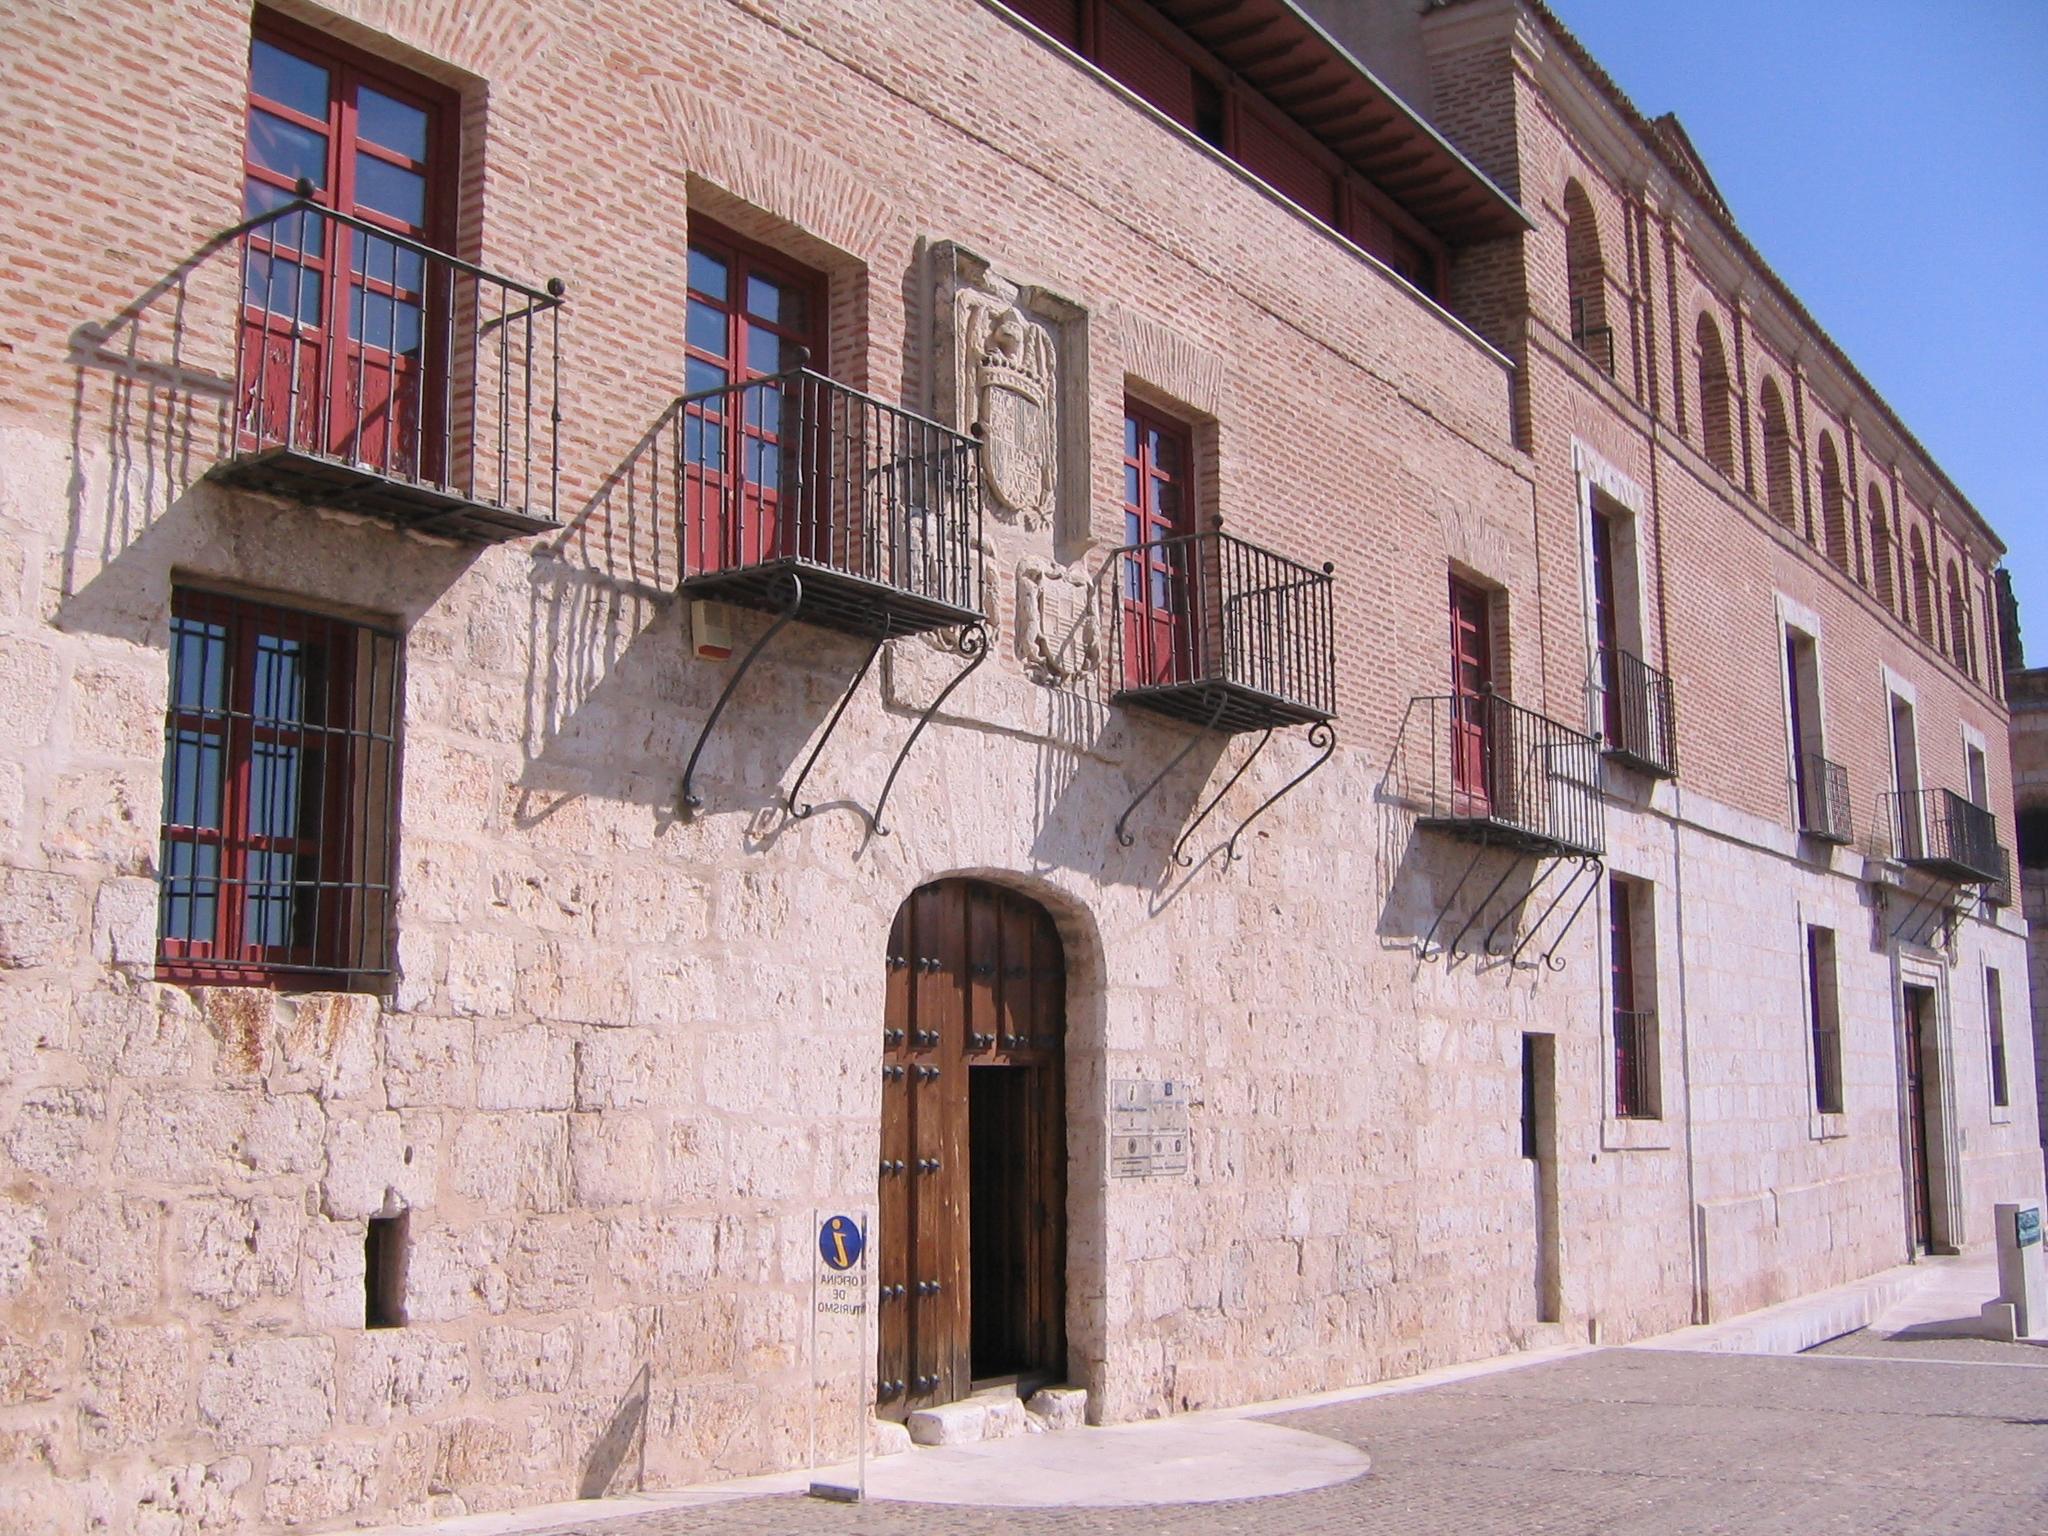 Tordesillas Casa del Tratado - Spagna e Portogallo: parte 2